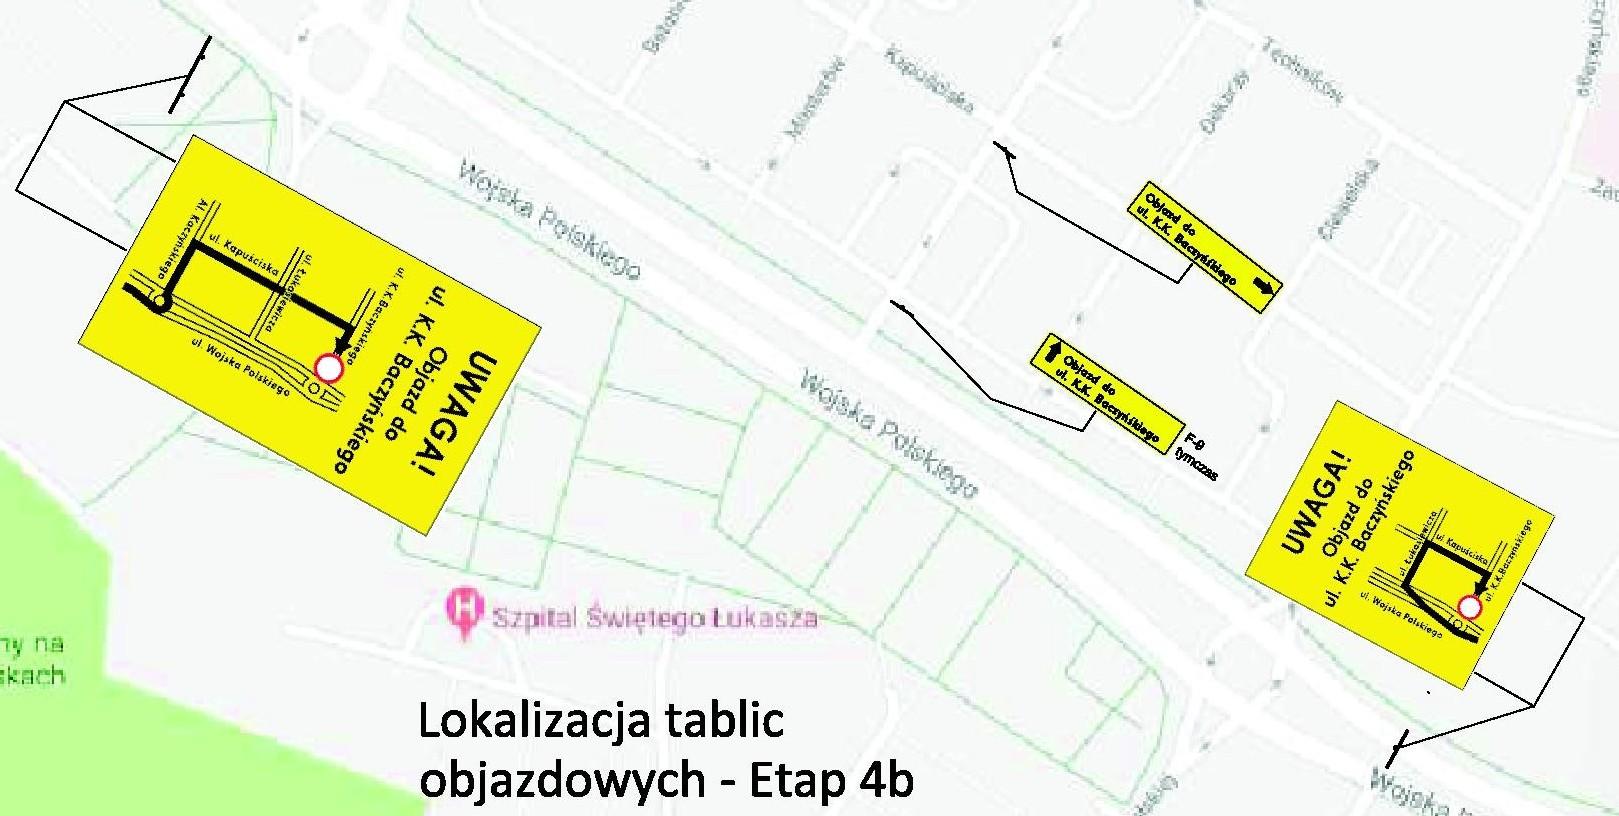 Lokalizacja_tablic_objazdy_etap 4b